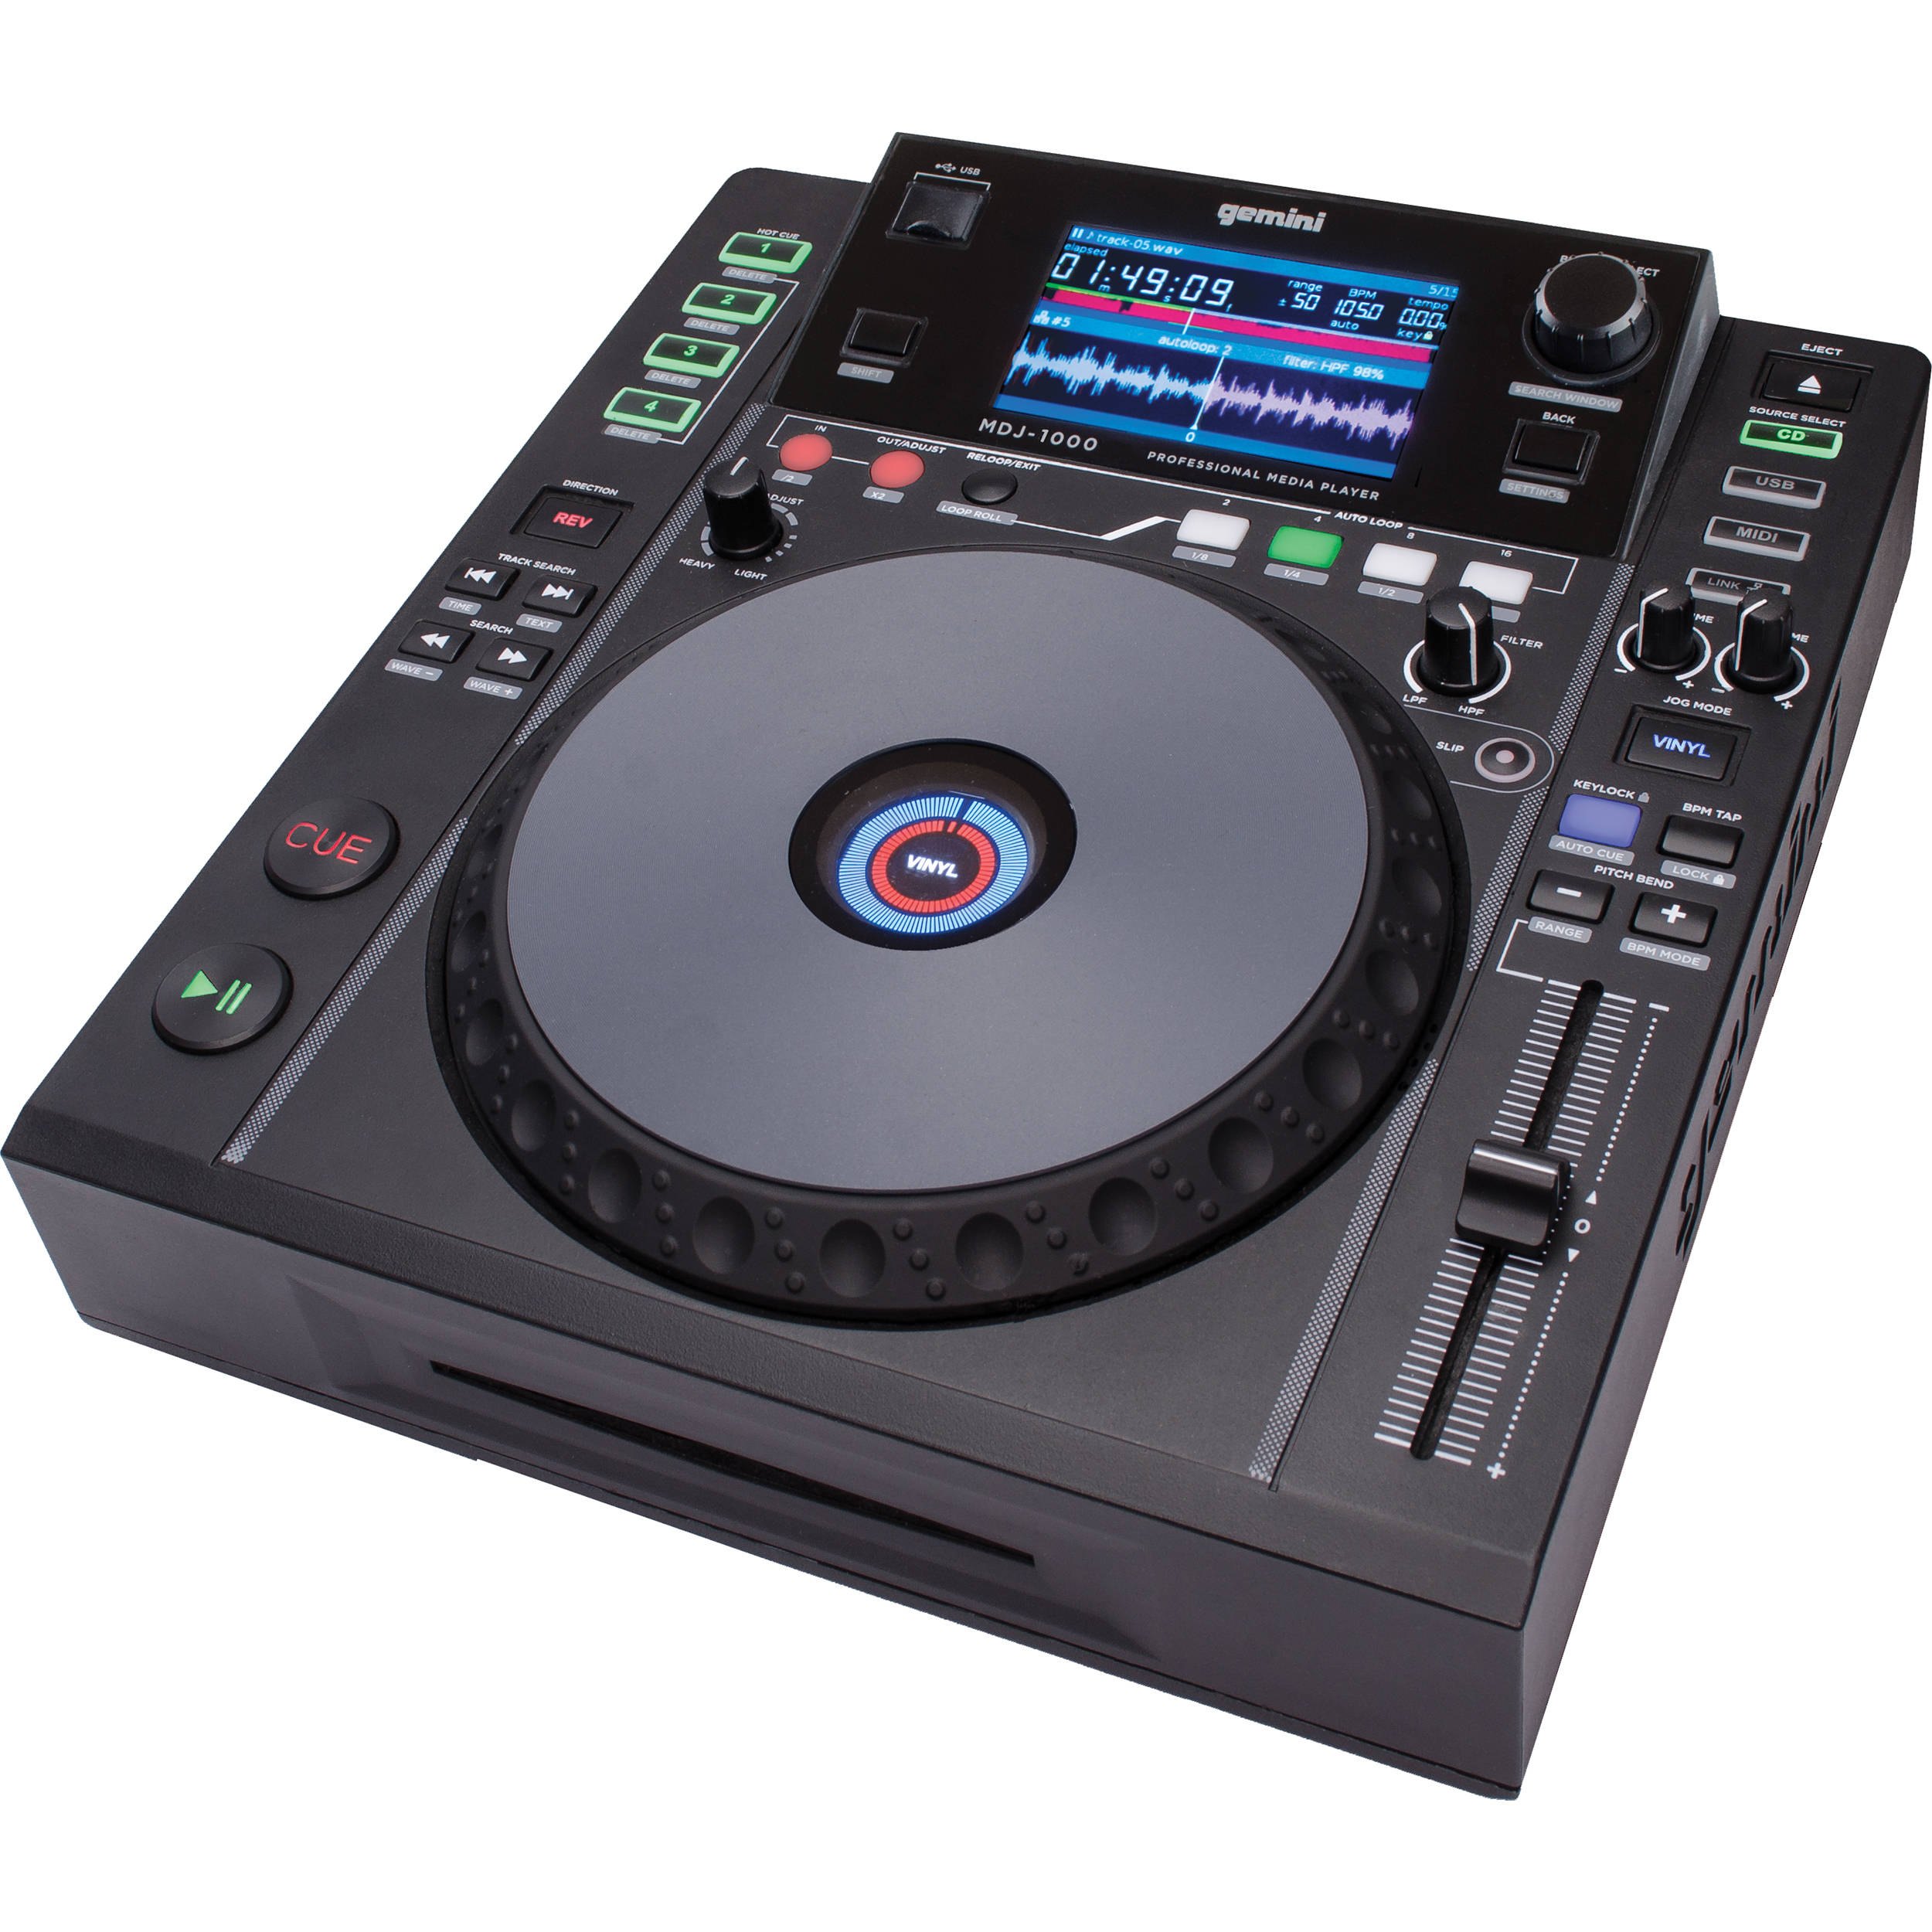 Gemini MDJ-1000 Professional CD/Media Player